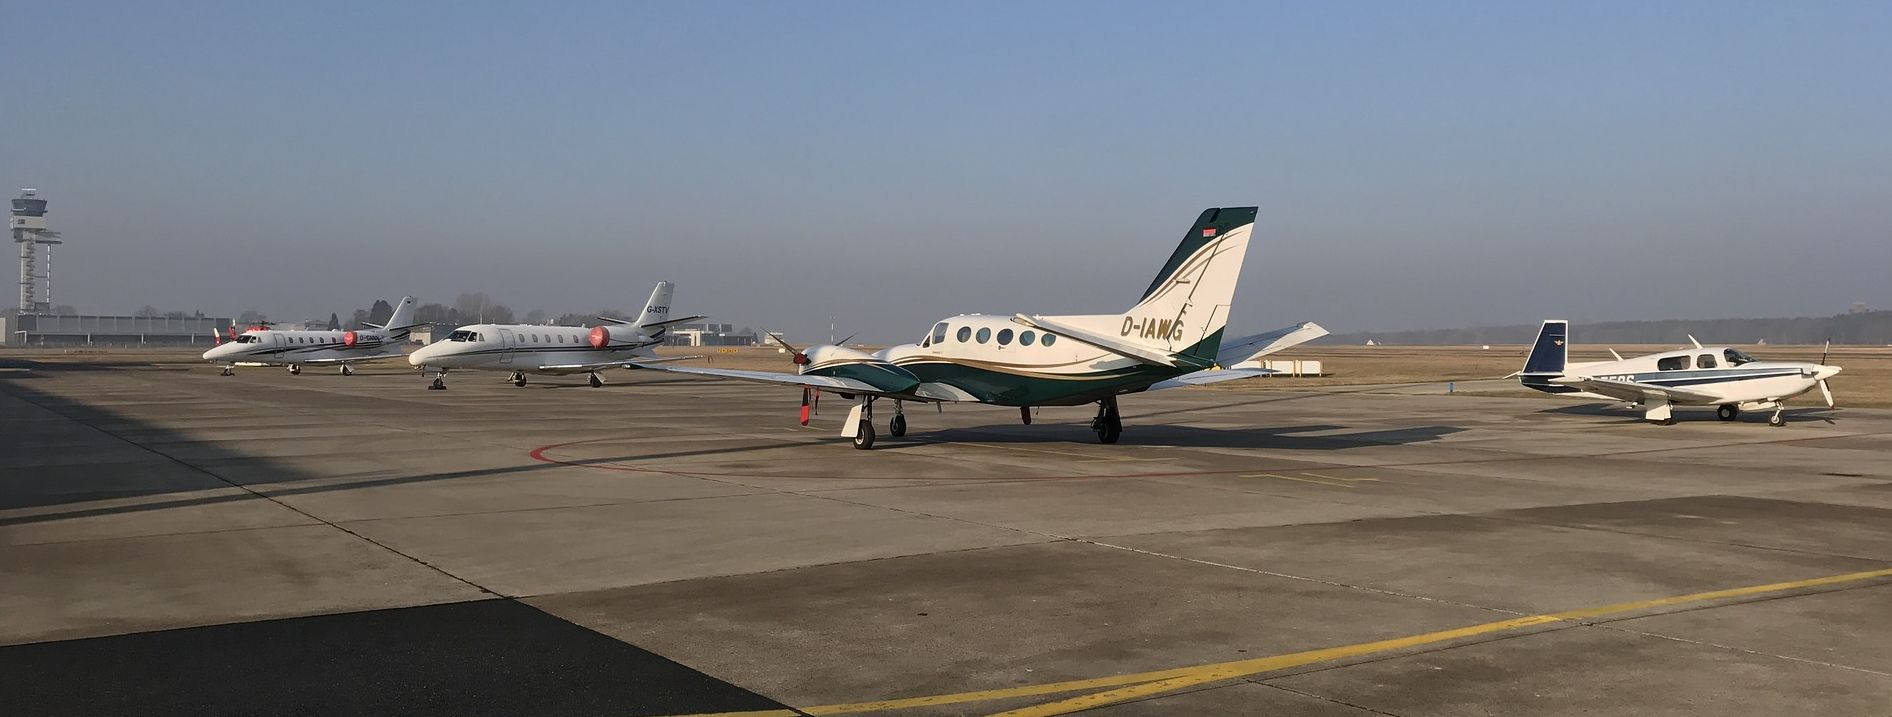 טיסות פרטיות וטיסות מנהלים